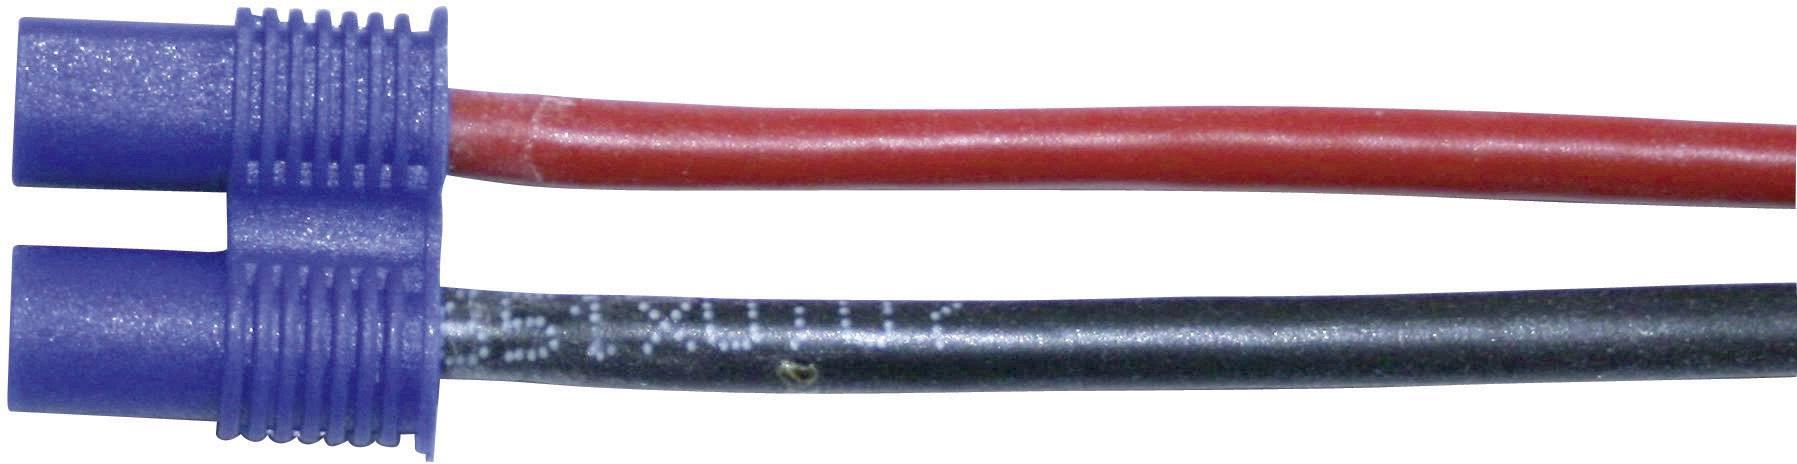 Napájecí kabel Modelcraft, EC3 zásuvka/zásuvka, 300 mm, 1,5 mm²